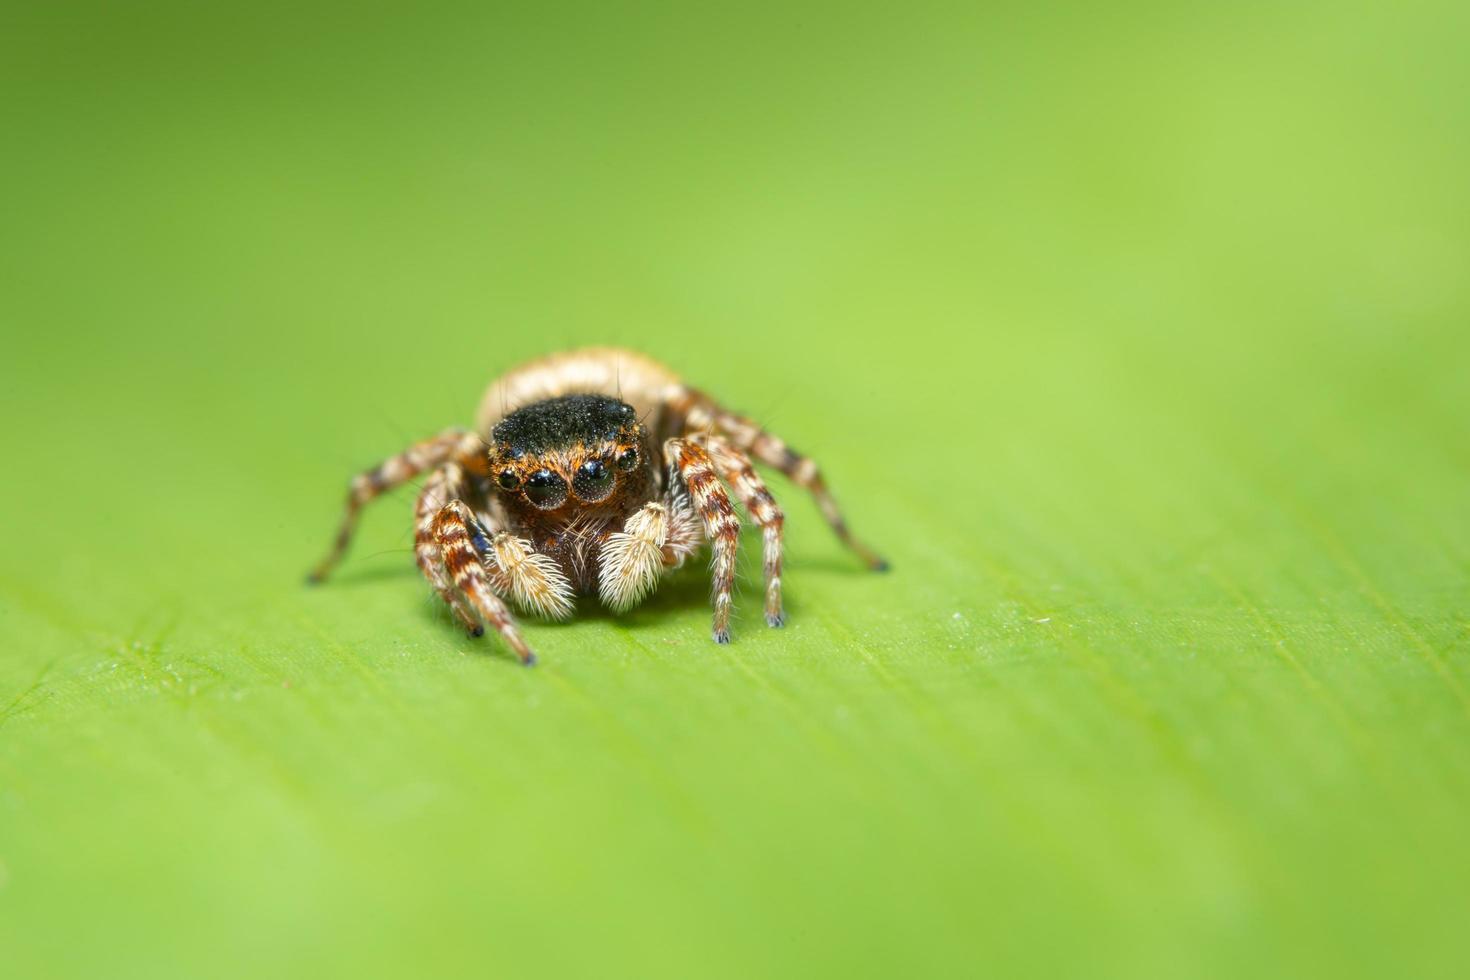 Spinne auf einem Blatt, Nahaufnahme foto